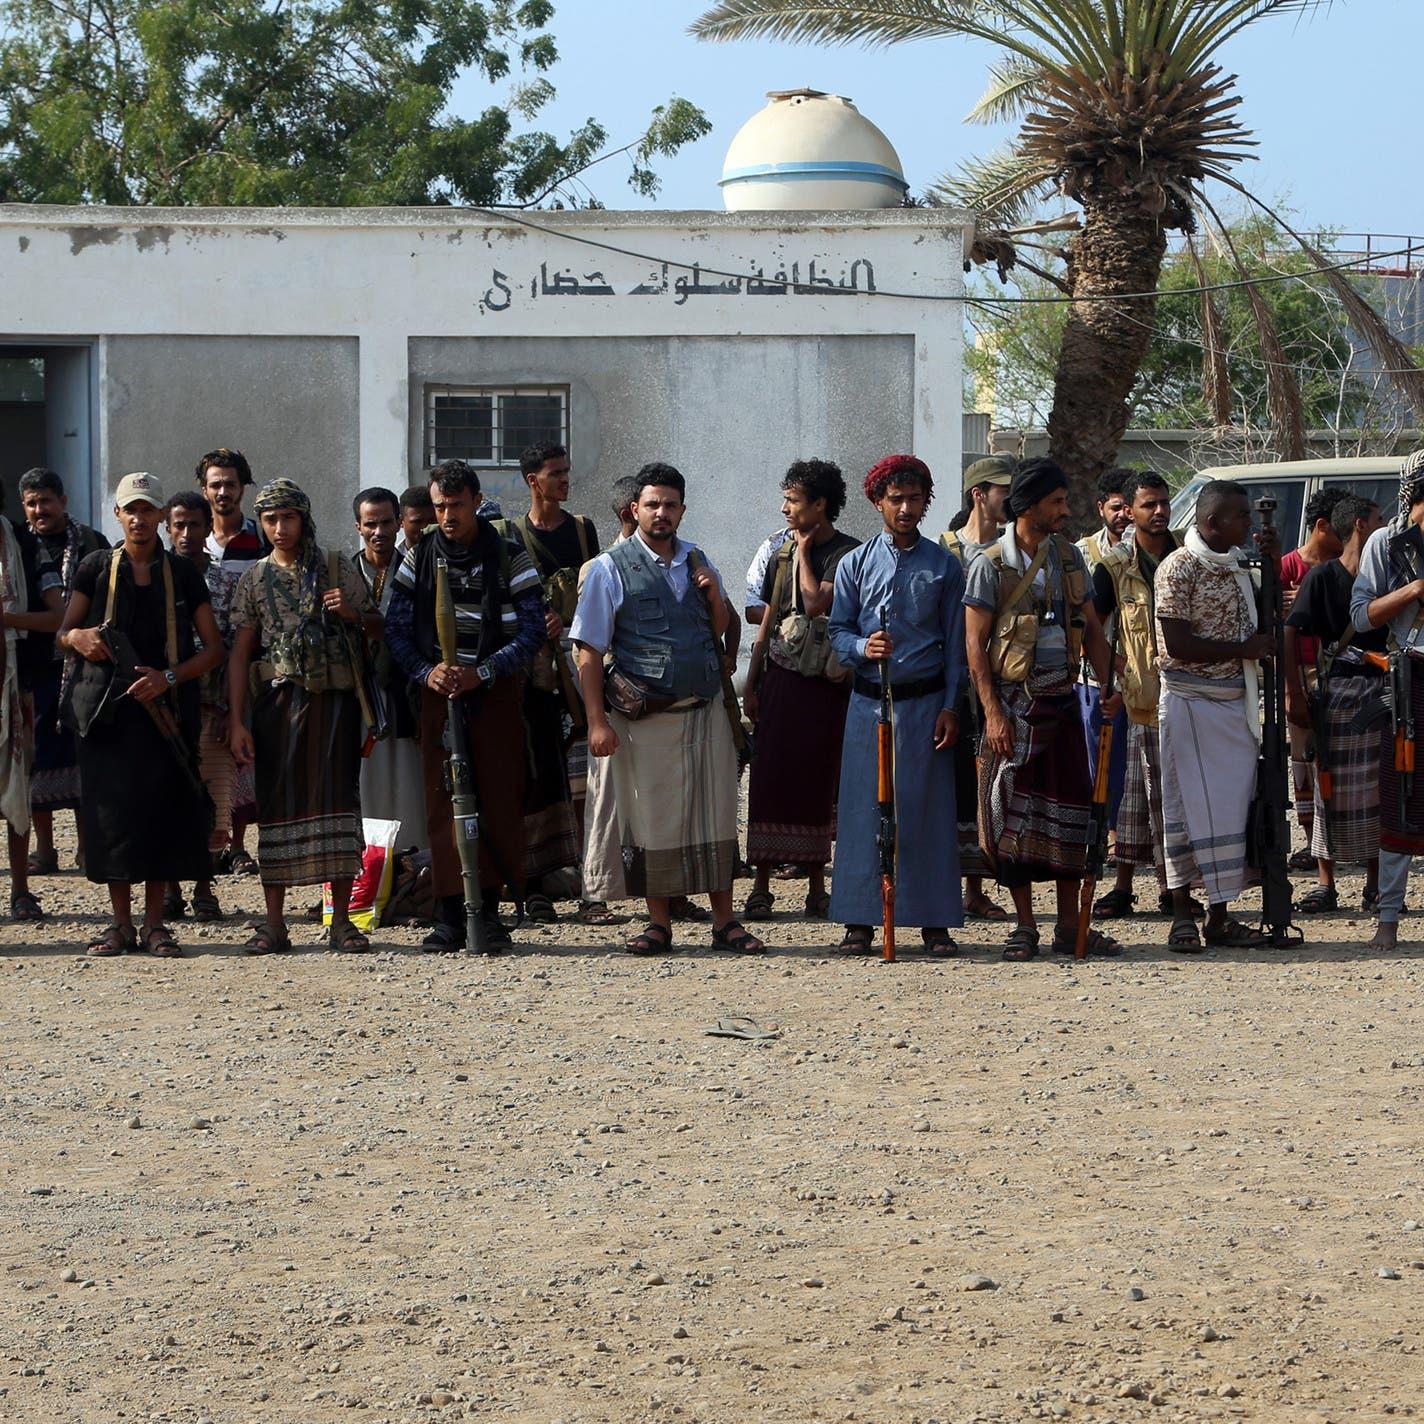 مقتل 300 مدني بالحديدة بنيران حوثية منذ توقيع اتفاق السويد